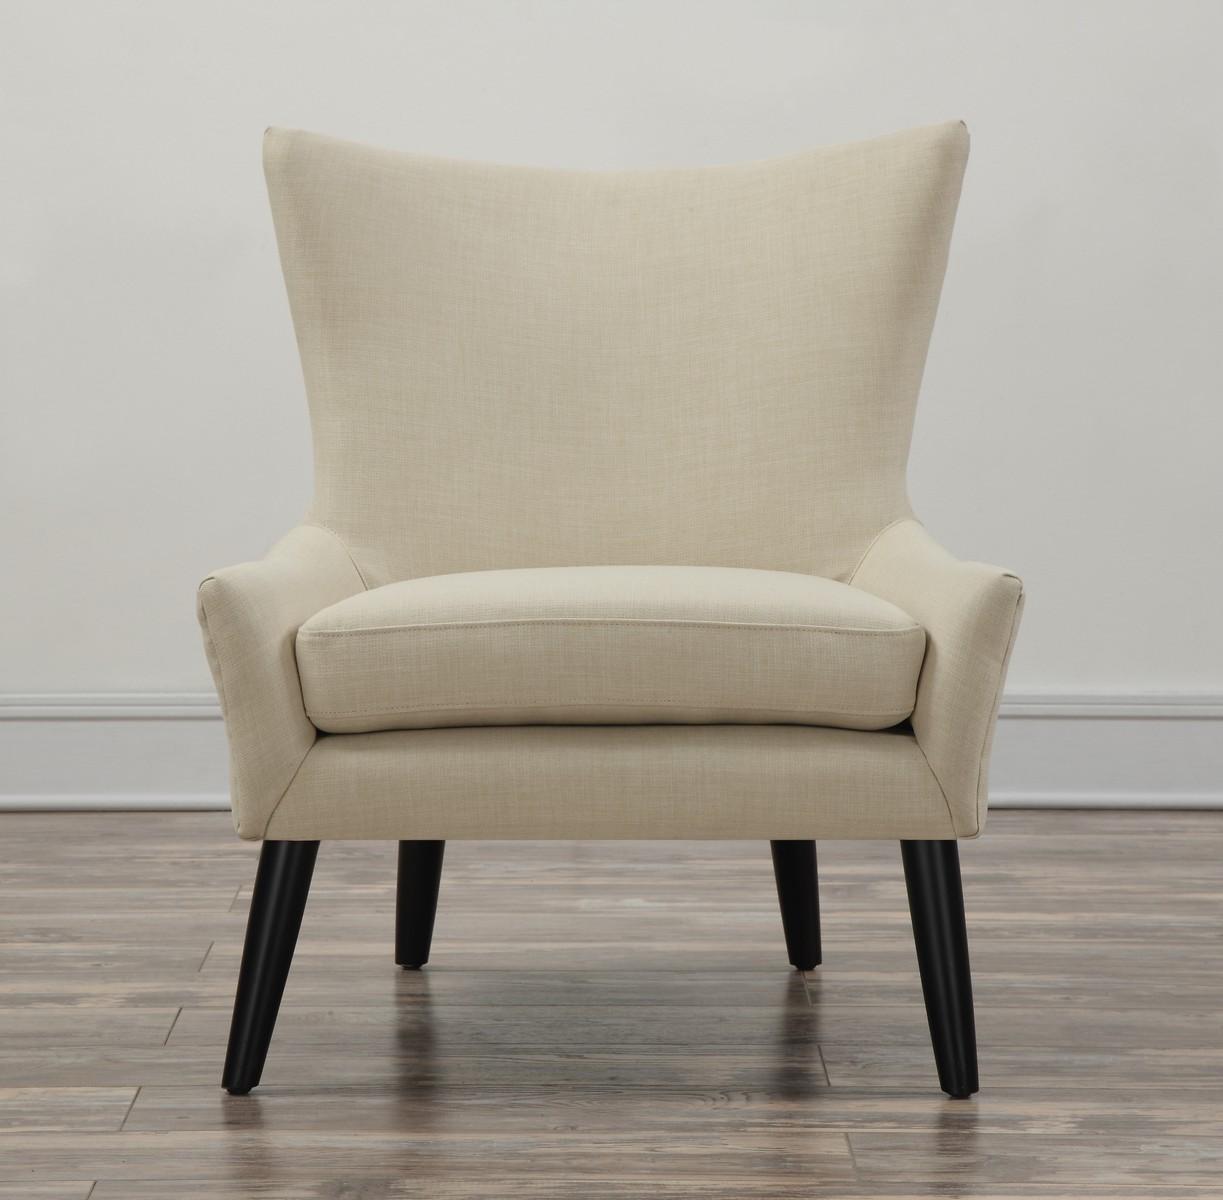 TOV Furniture Sullivan Beige Linen Chair